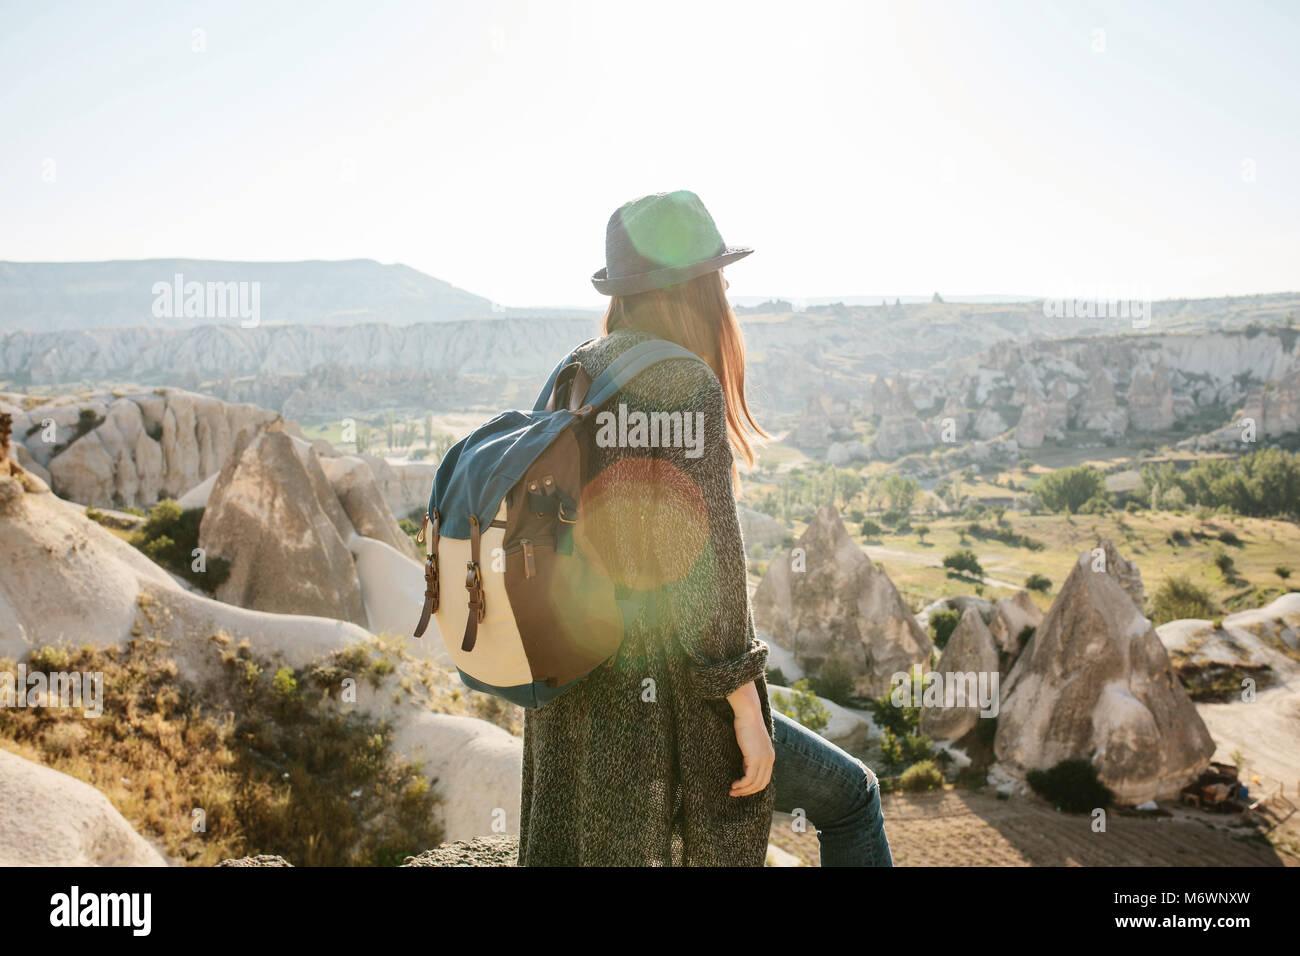 Un viaggiatore in un cappello con uno zaino sorge su una montagna e guarda una bella vista in Cappadocia in Turchia. Immagini Stock